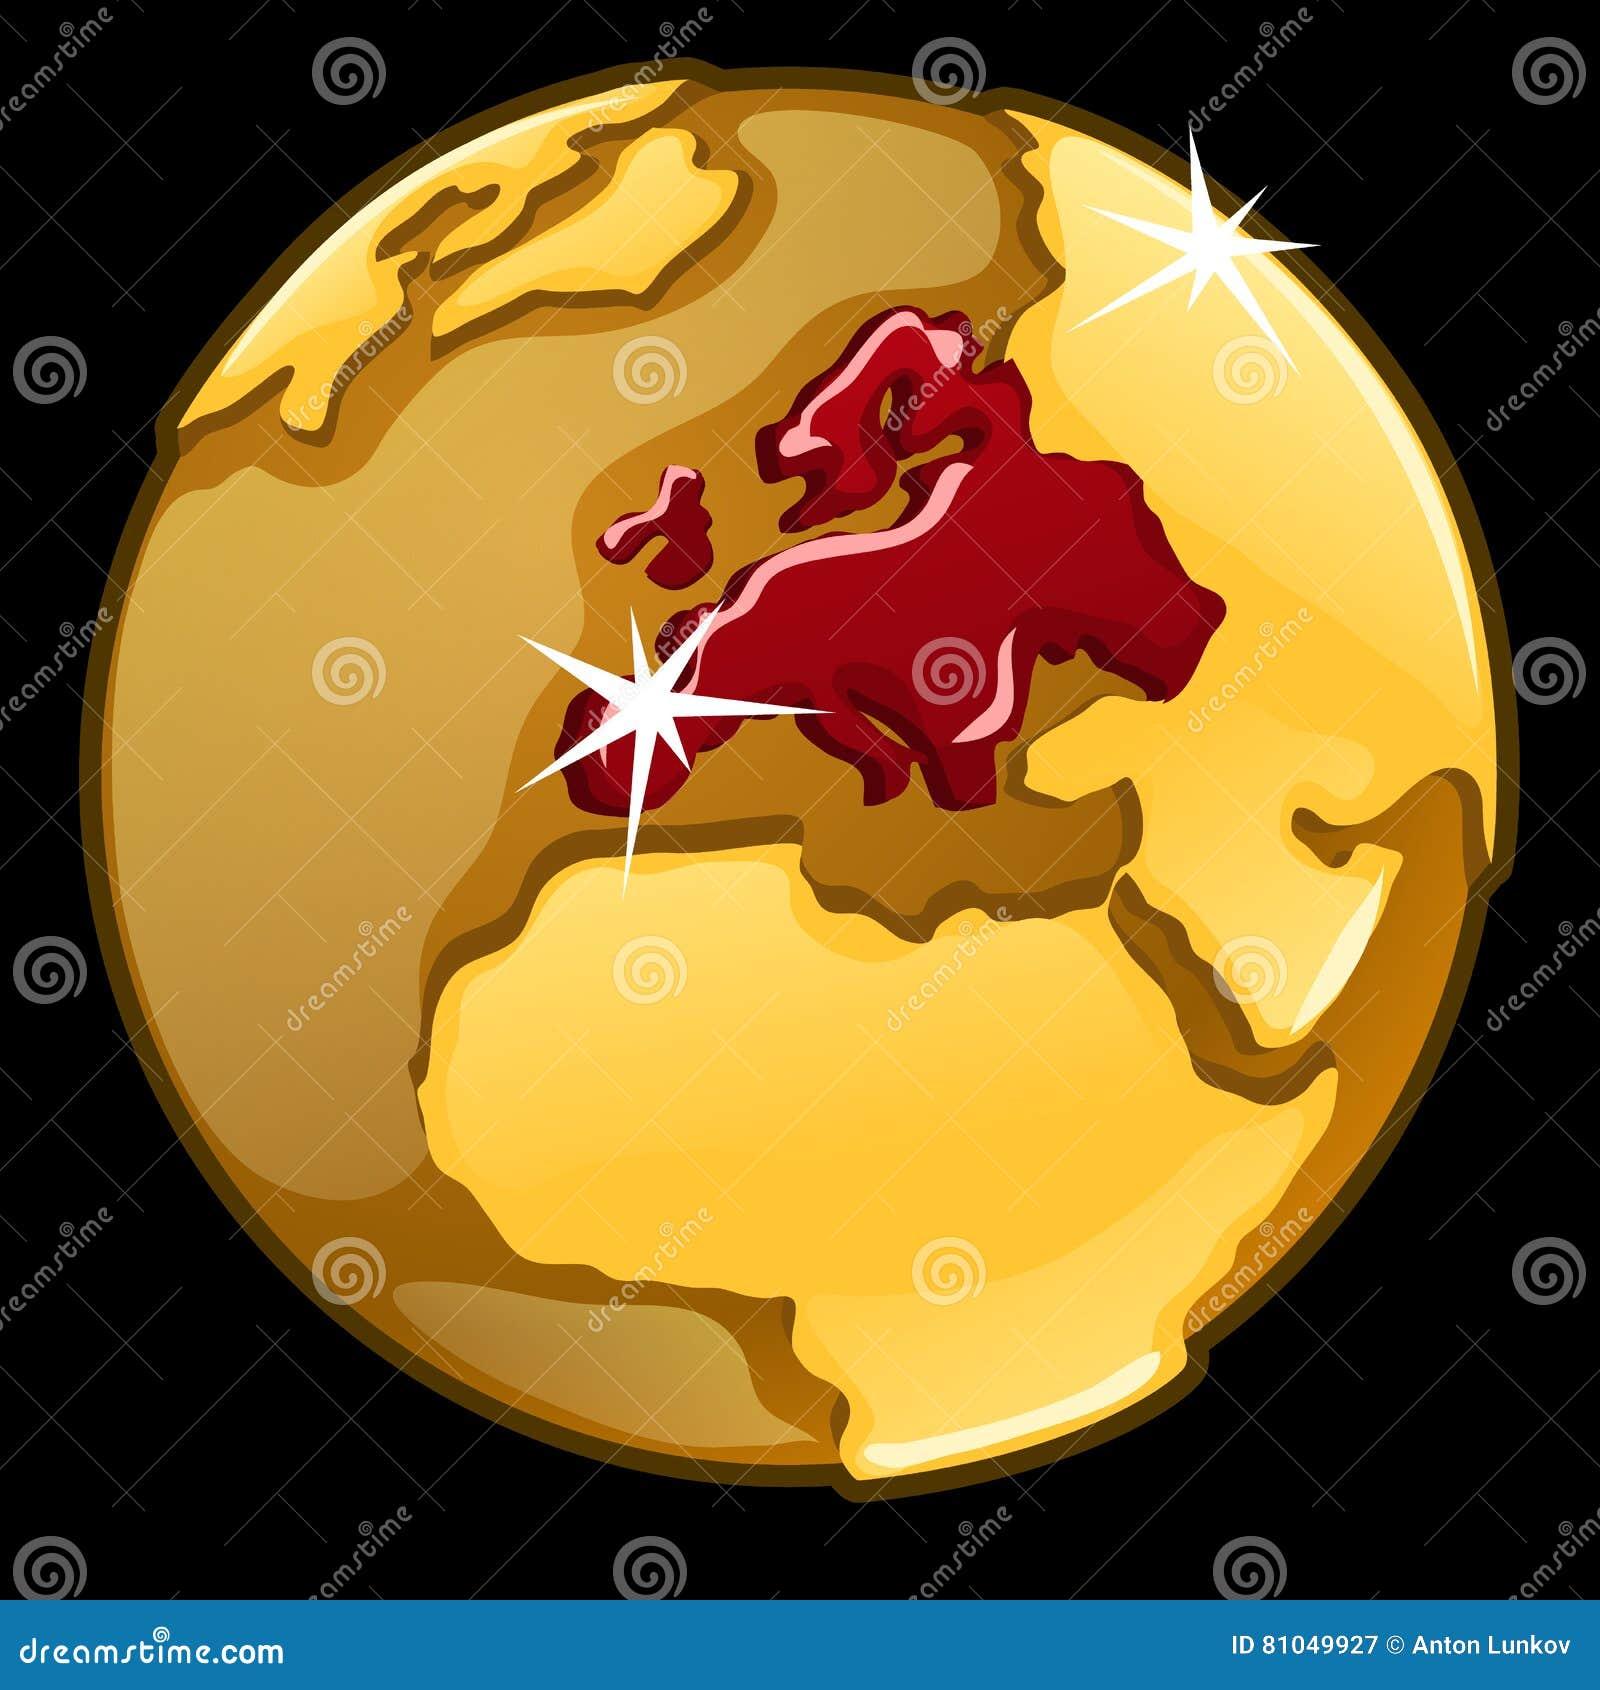 Χρυσή σφαίρα με χαρακτηρισμένος των χωρών της Ευρώπης